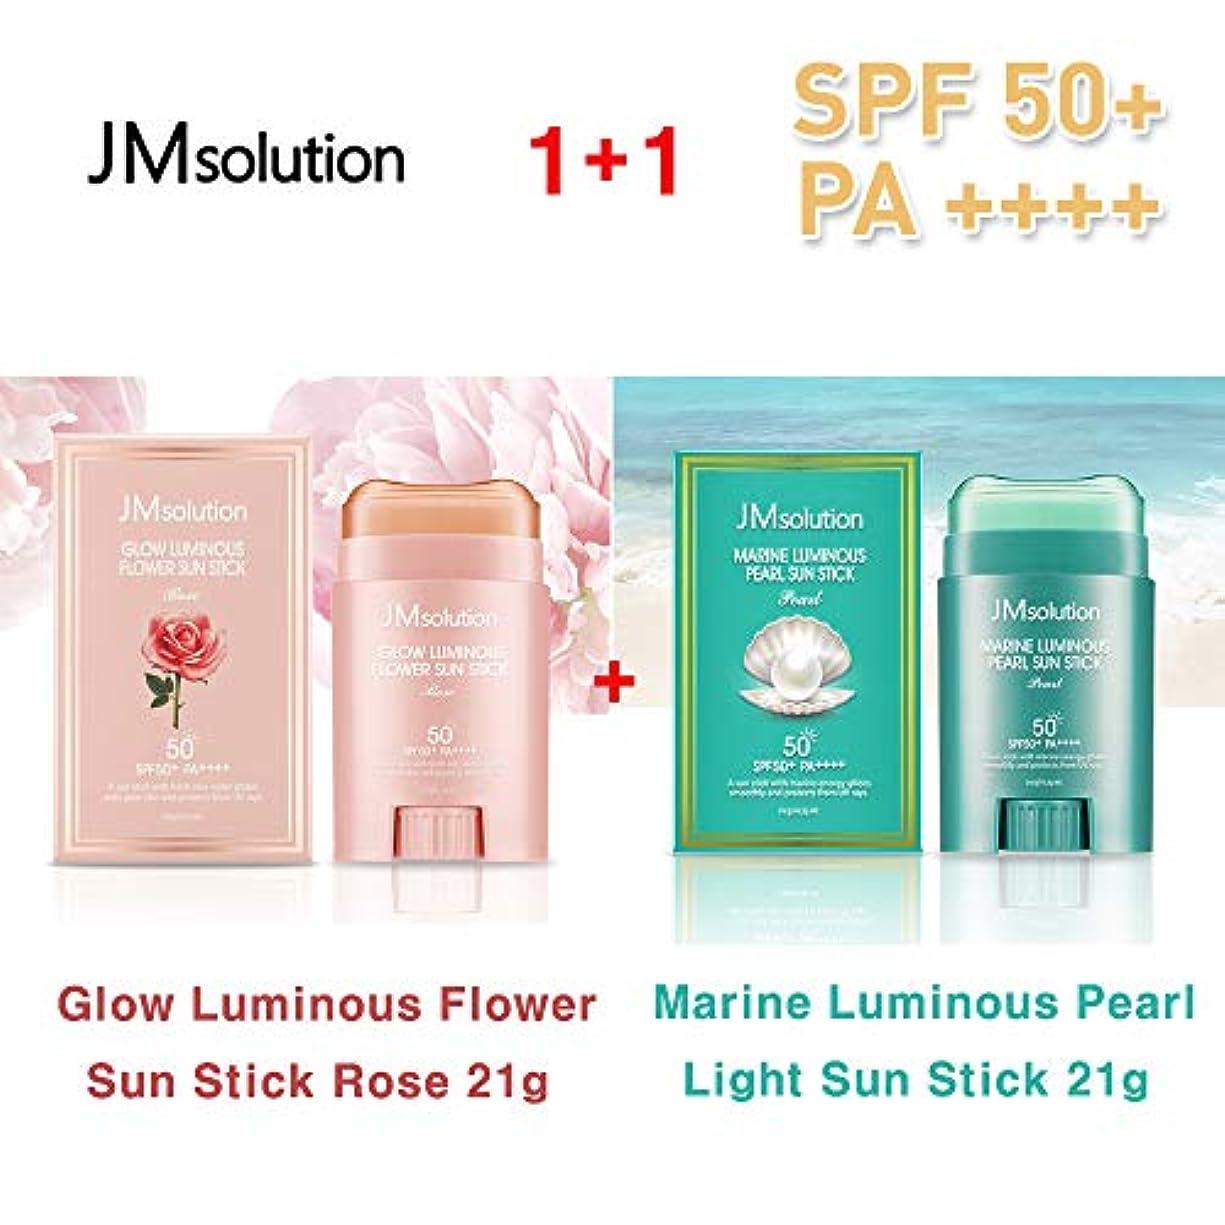 等集団経済JM Solution ★1+1★ Glow Luminous Flower Sun Stick Rose 21g + Marine Luminous Pearl Light Sun Stick 21g / 光る輝く花Sun...